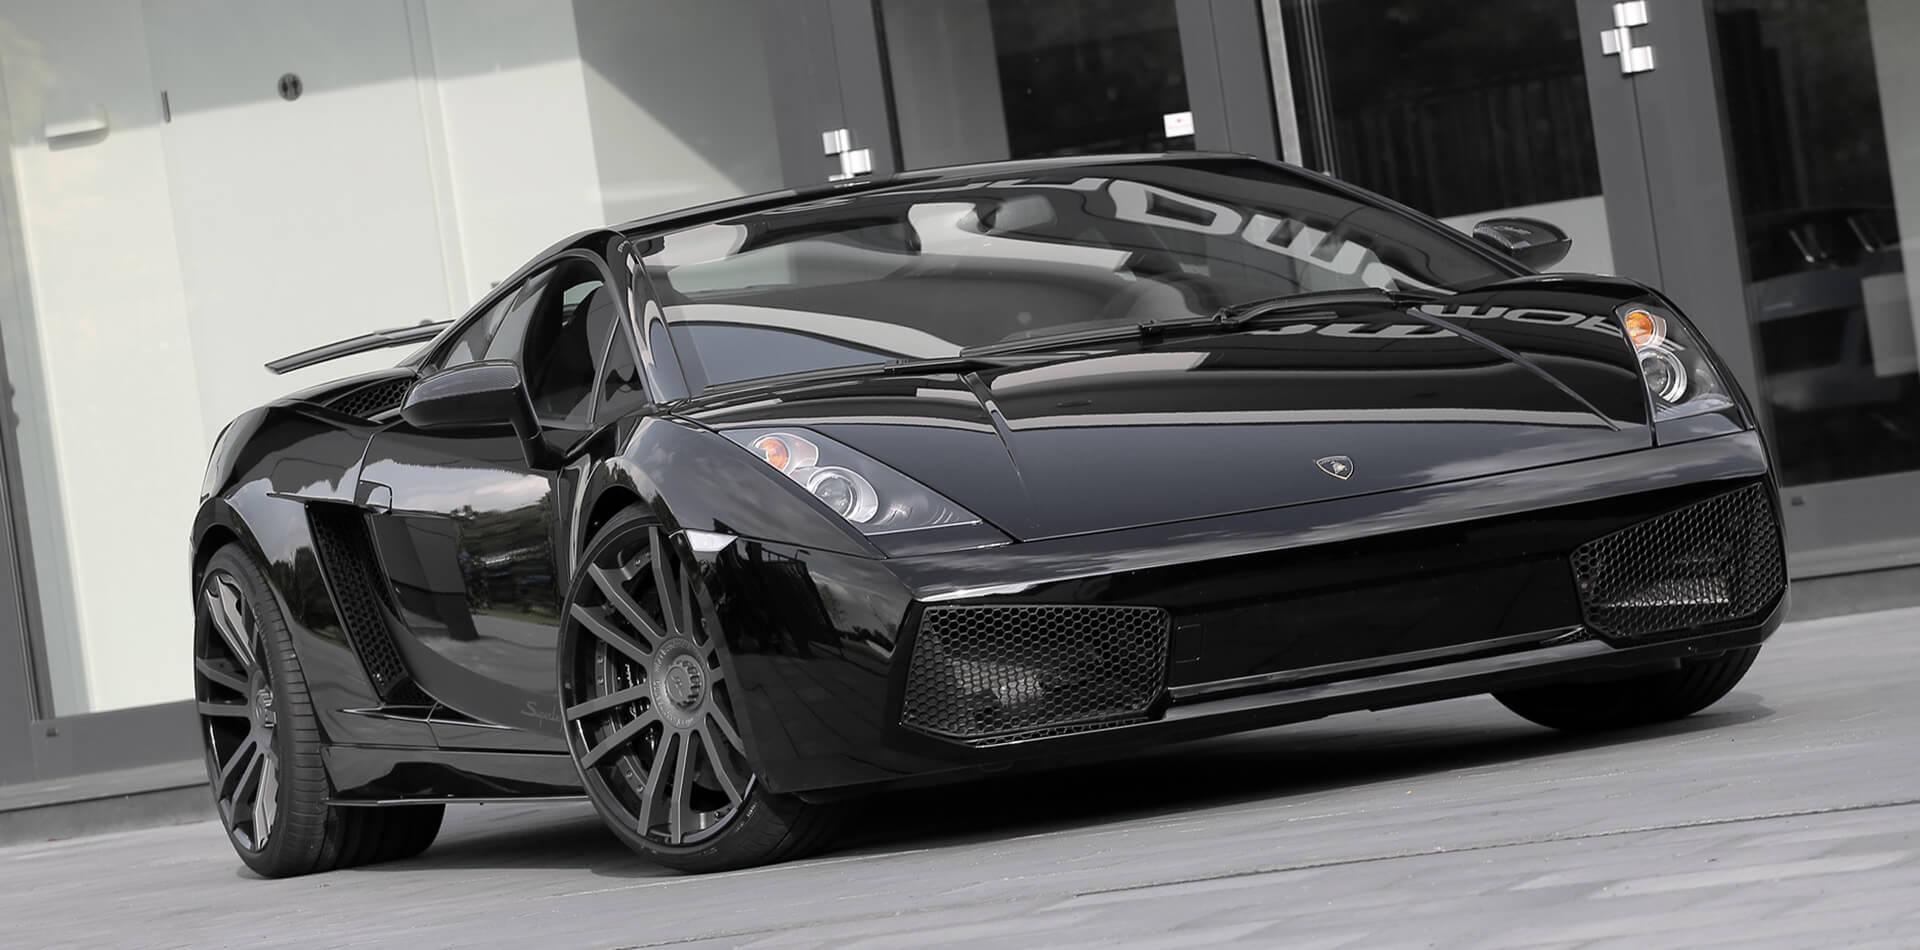 Lamborghini Gallardo Tuning, Felgen, Auspuffanlage